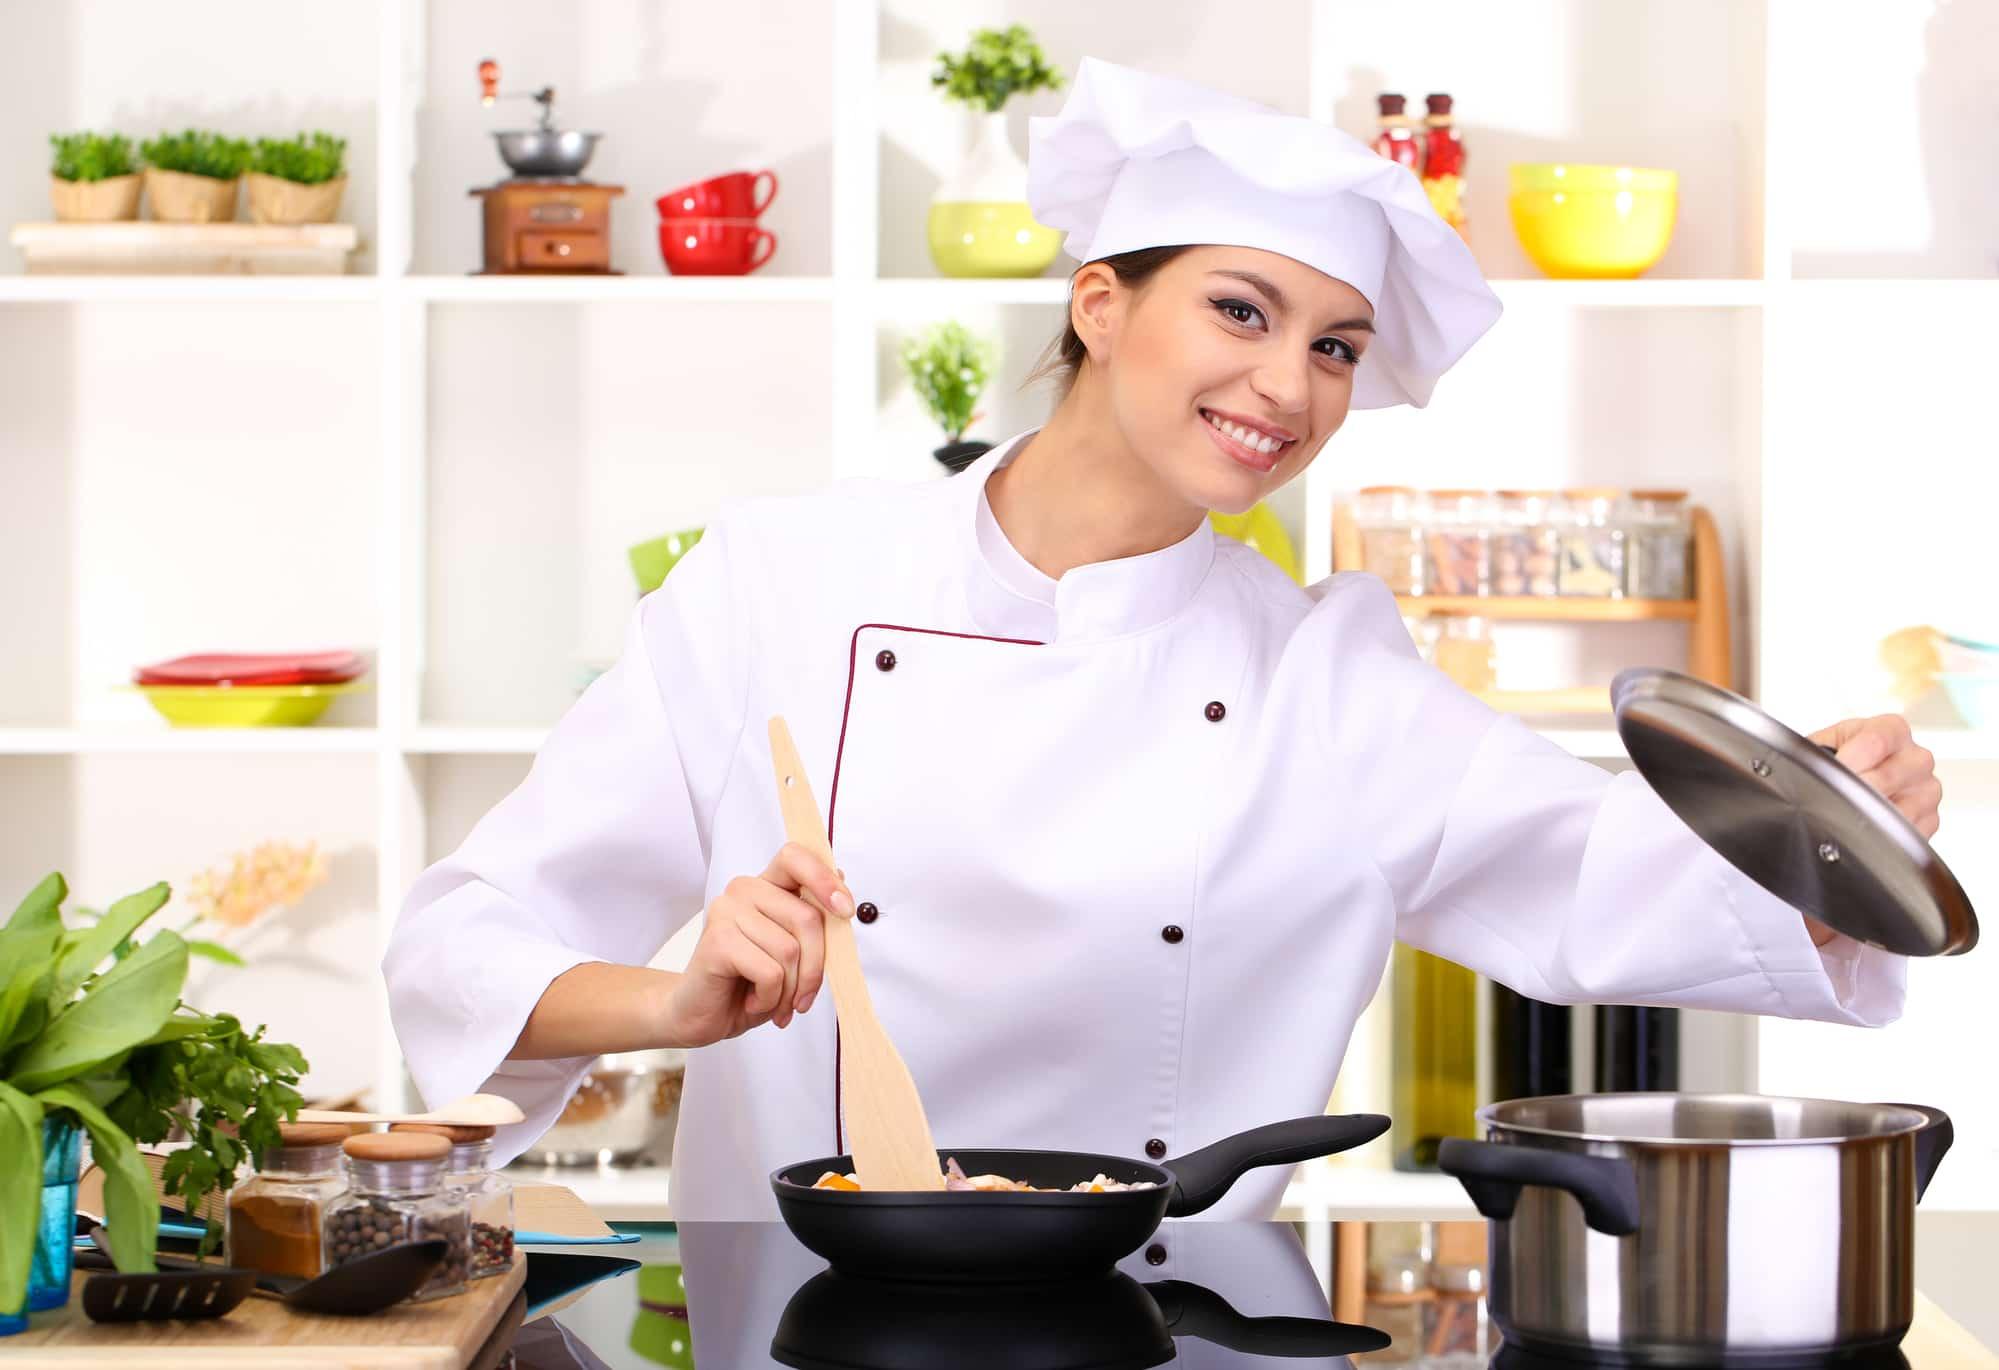 DUBAI IS HOTSPOT FOR CLOUD KITCHEN BUSINESS